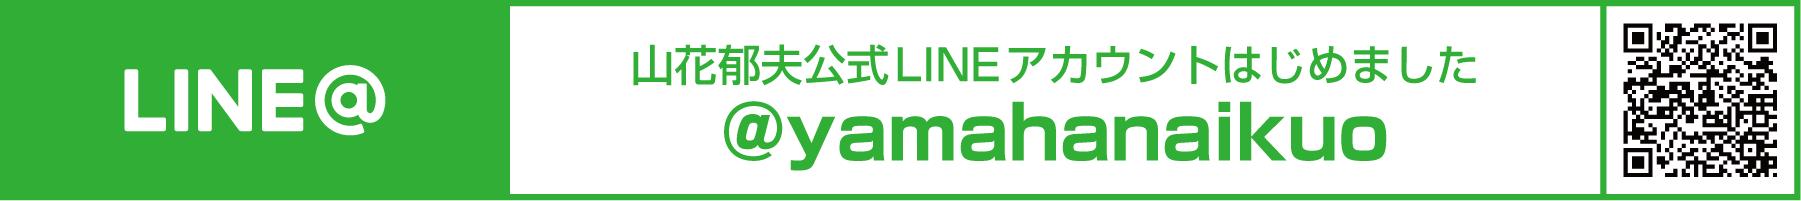 山花郁夫公式LINEアカウントはじめました @yamahanaikuo